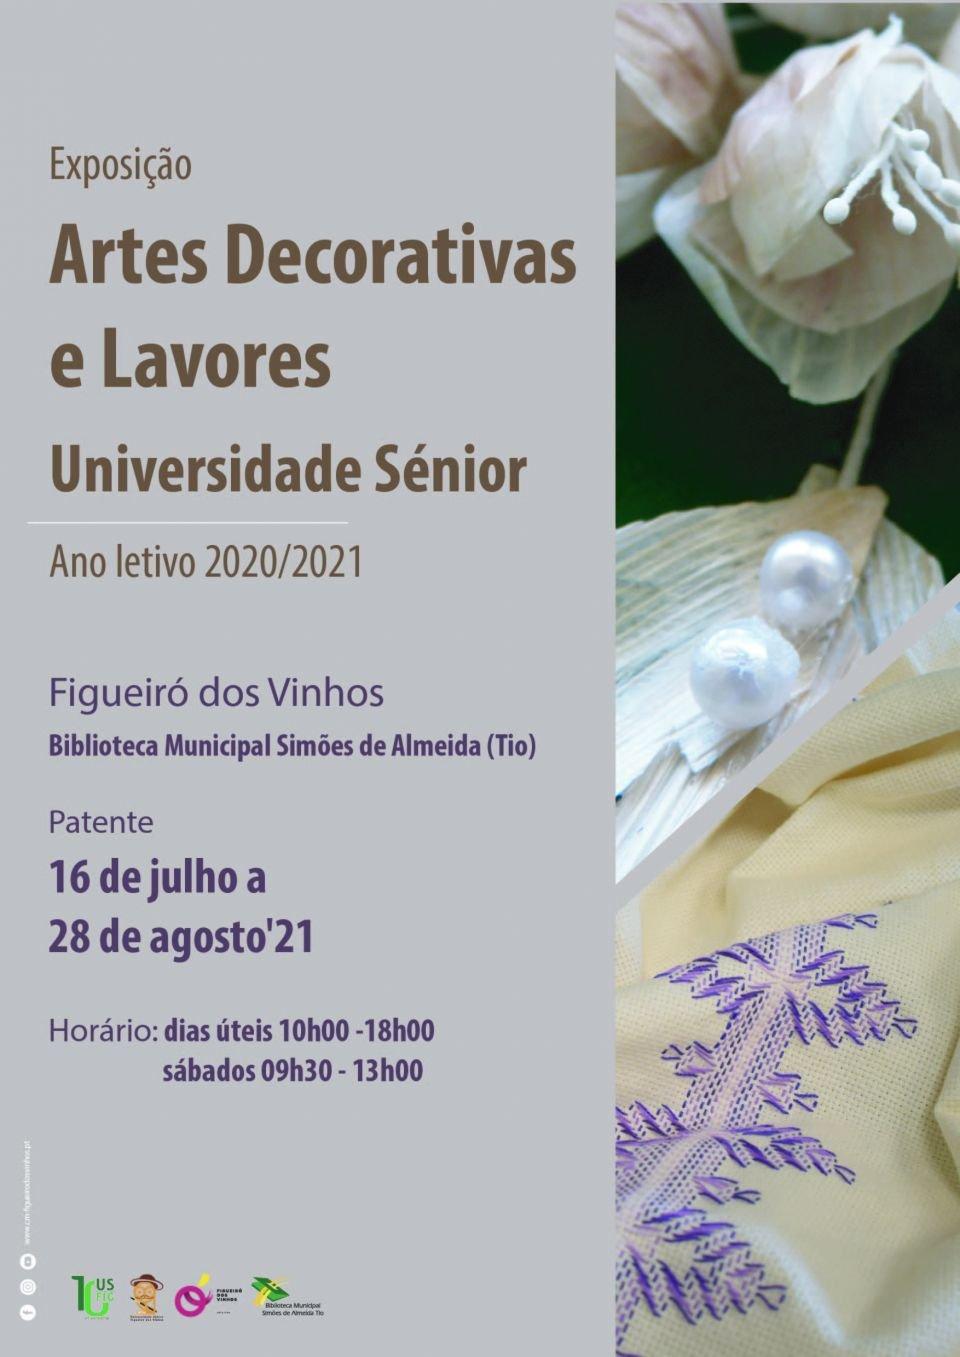 Exposição: Artes Decorativas e Lavores